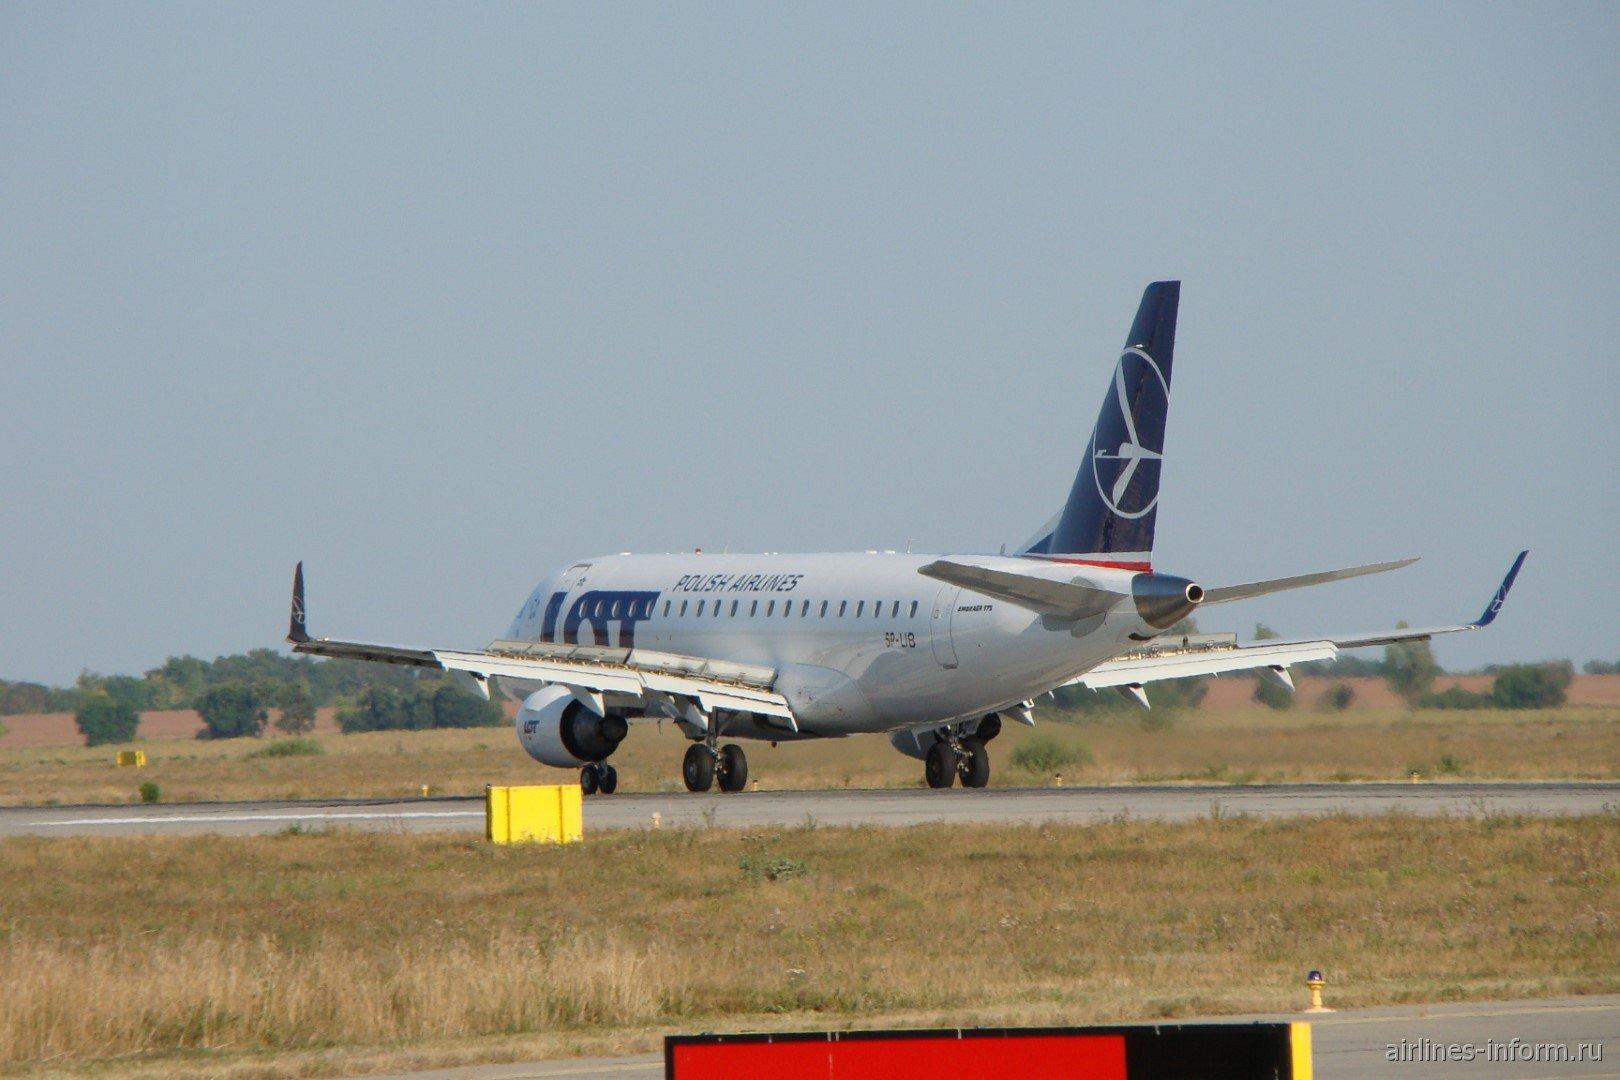 Самолет Embraer 175 SP-LIB авиакомпании LOT произвел посадку в аэропорту Харьков